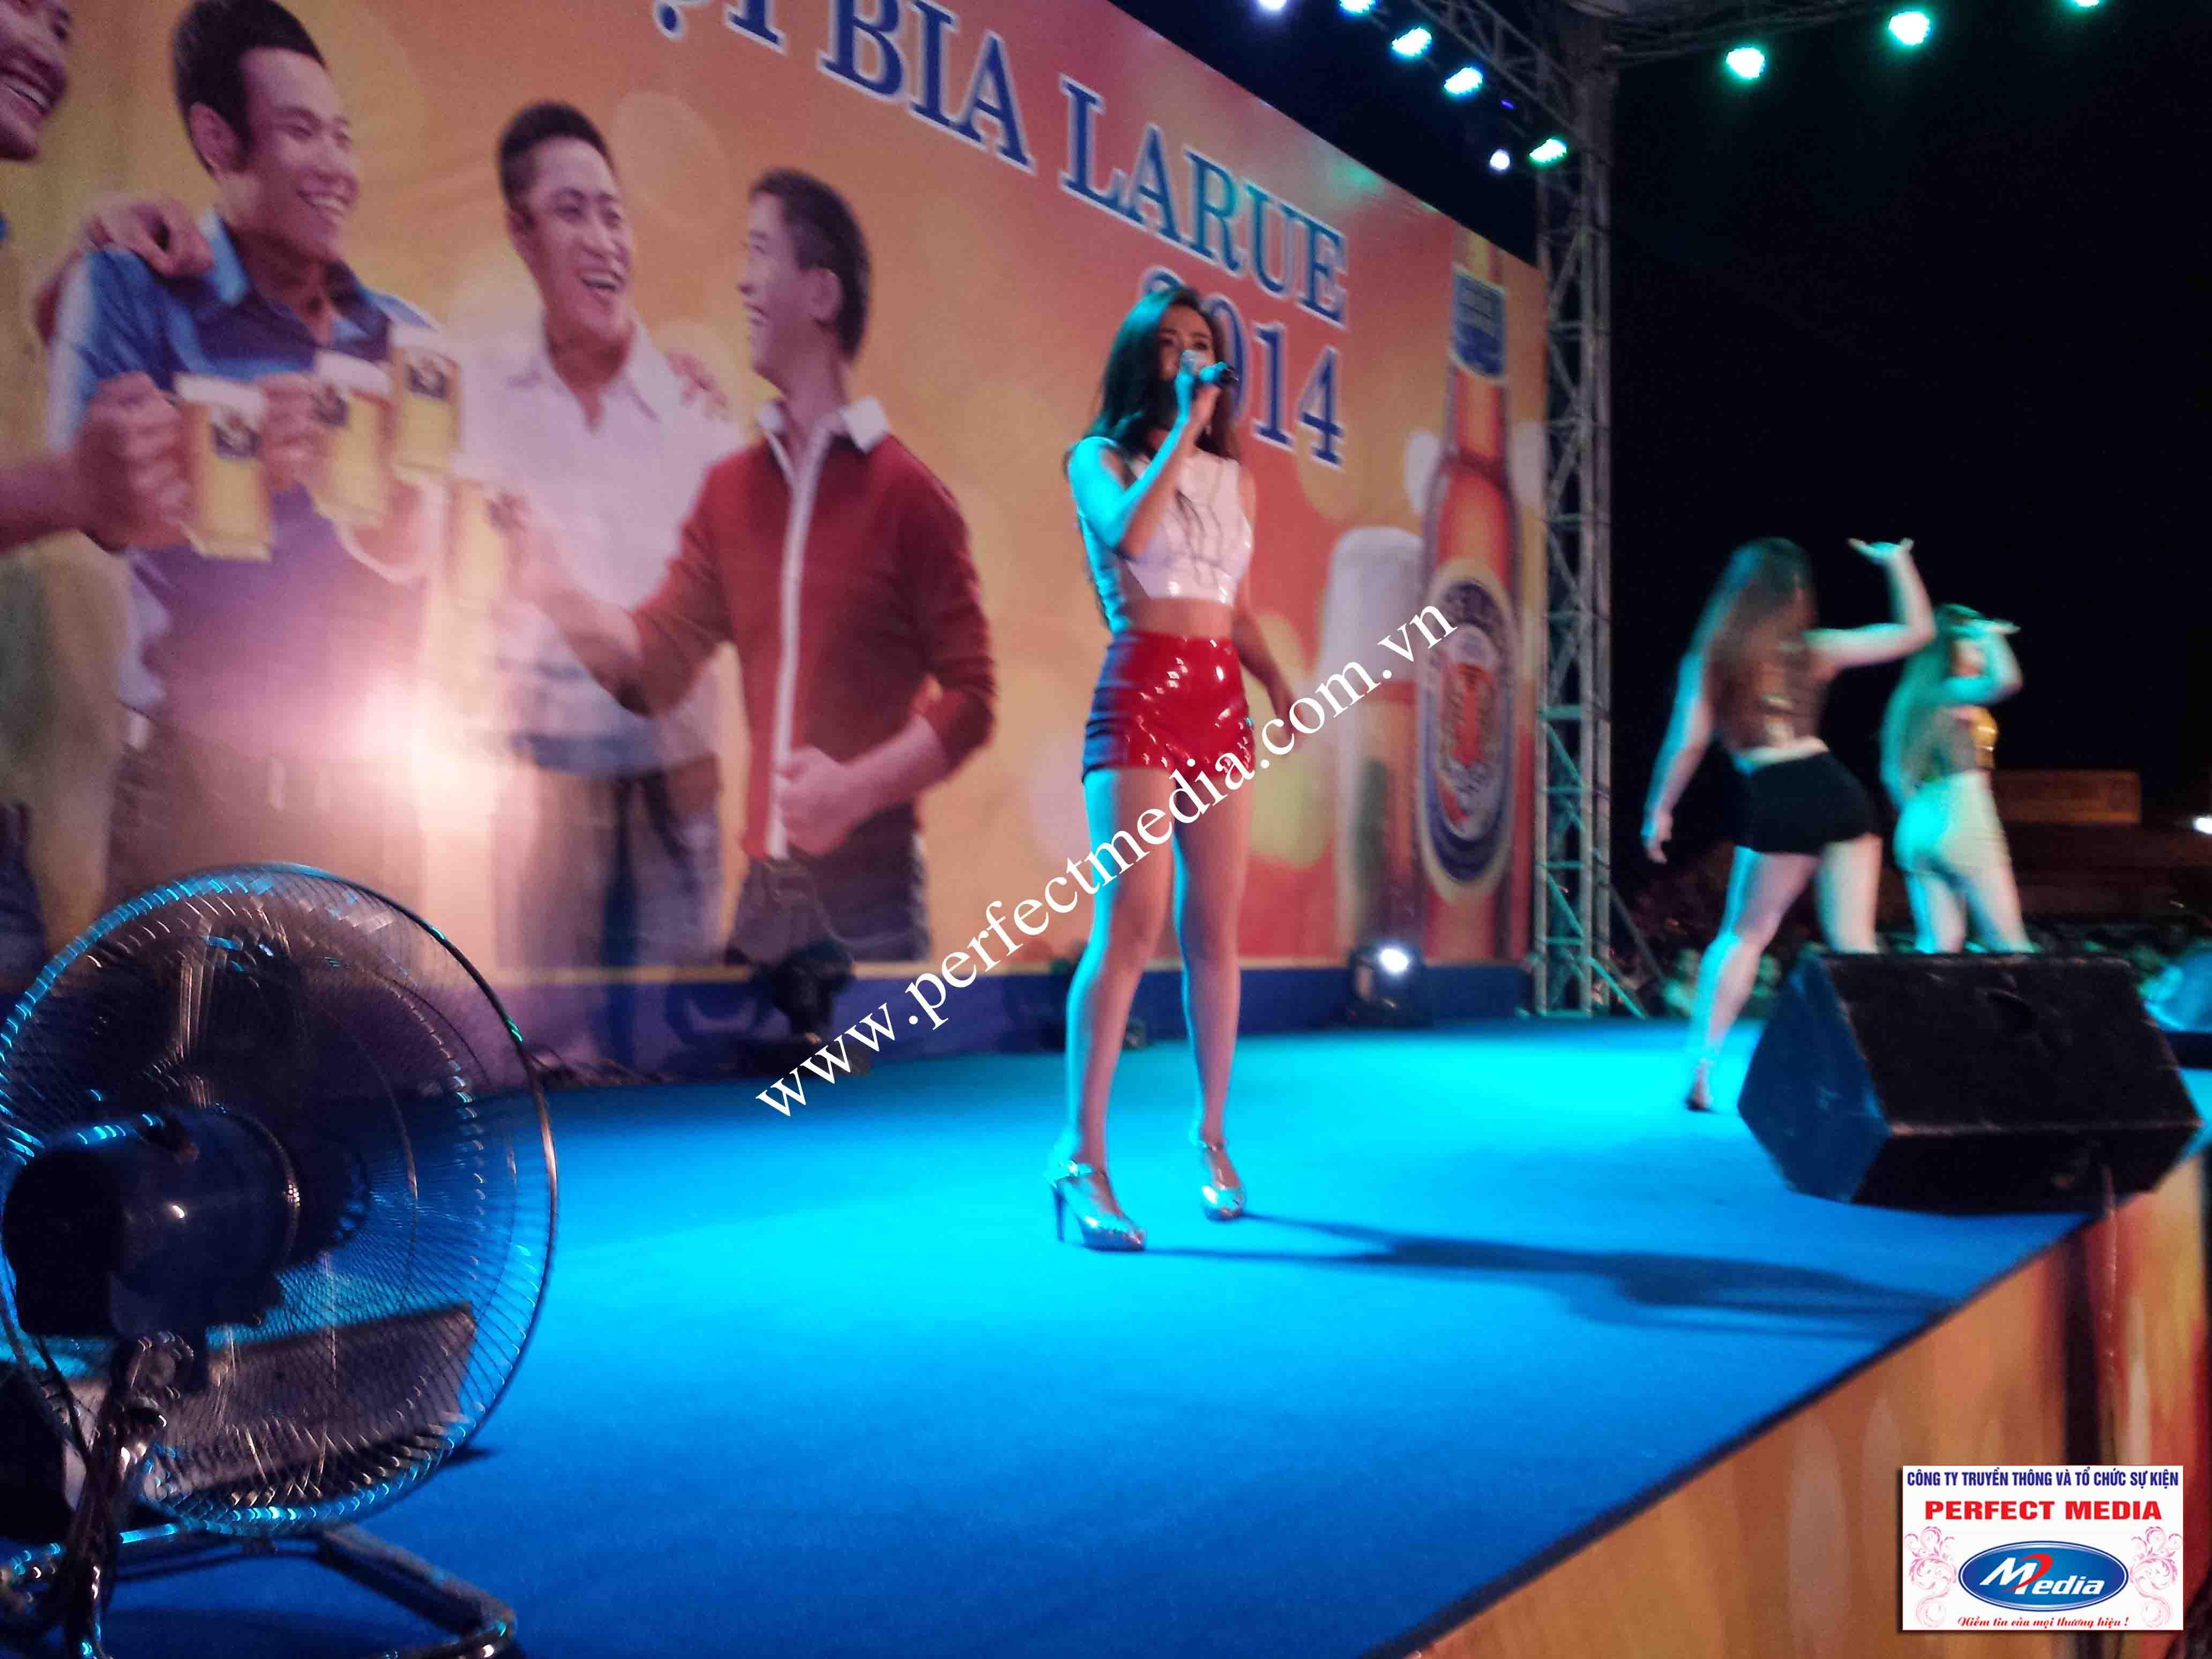 Hình ảnh sự kiện Tour Festival Bia Larue tại các thành phố Hạ Long - Hà Tĩnh và thành phố Vinh 18